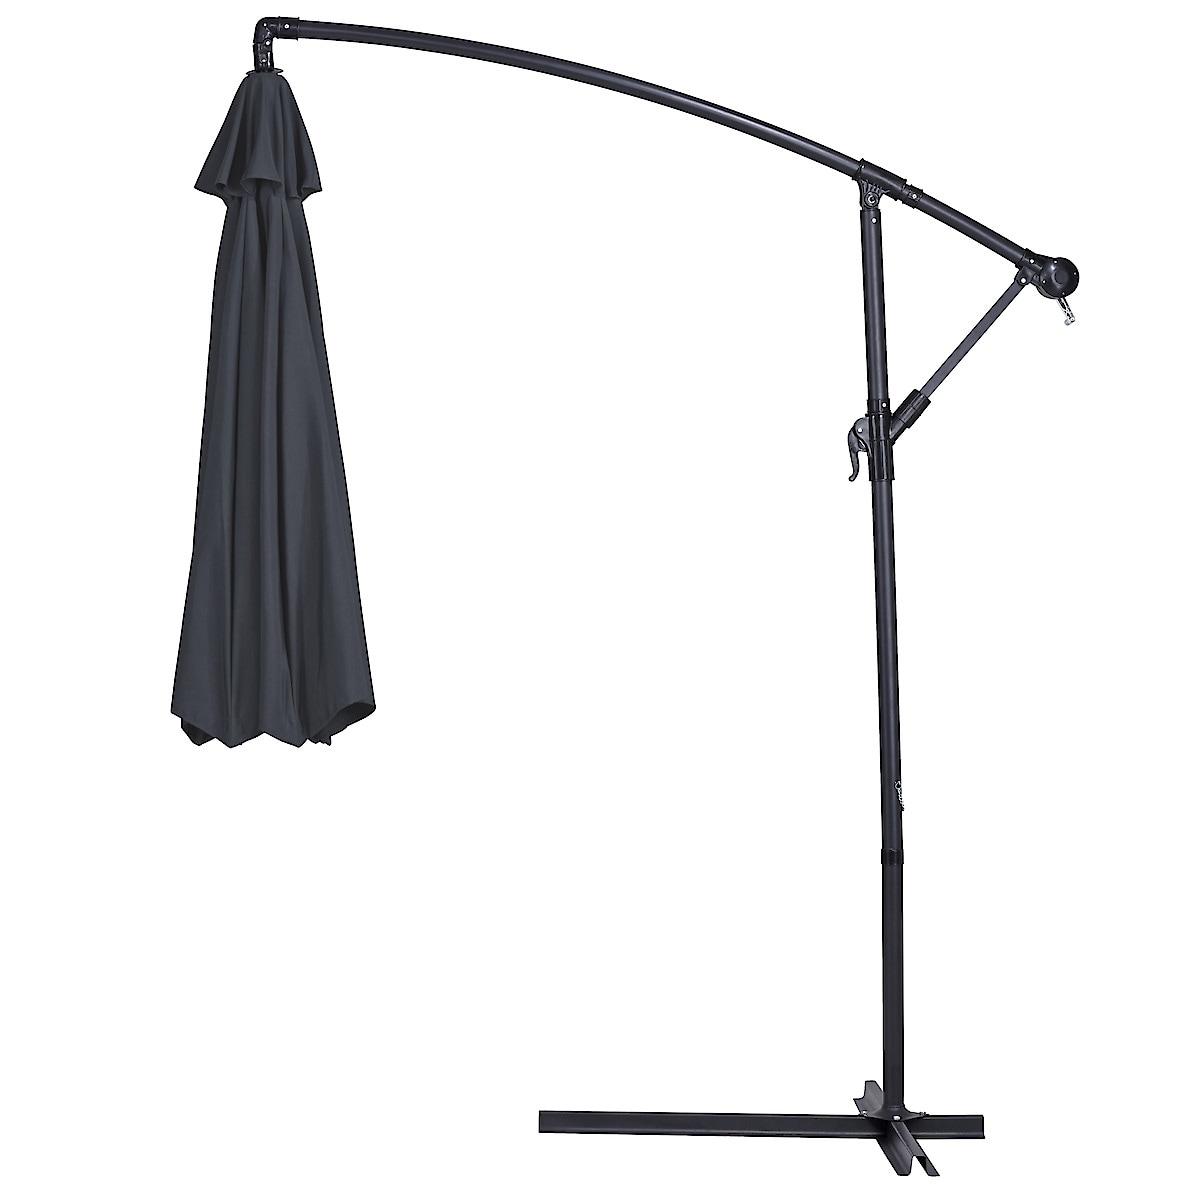 Aurinkovarjo Ø 3 m